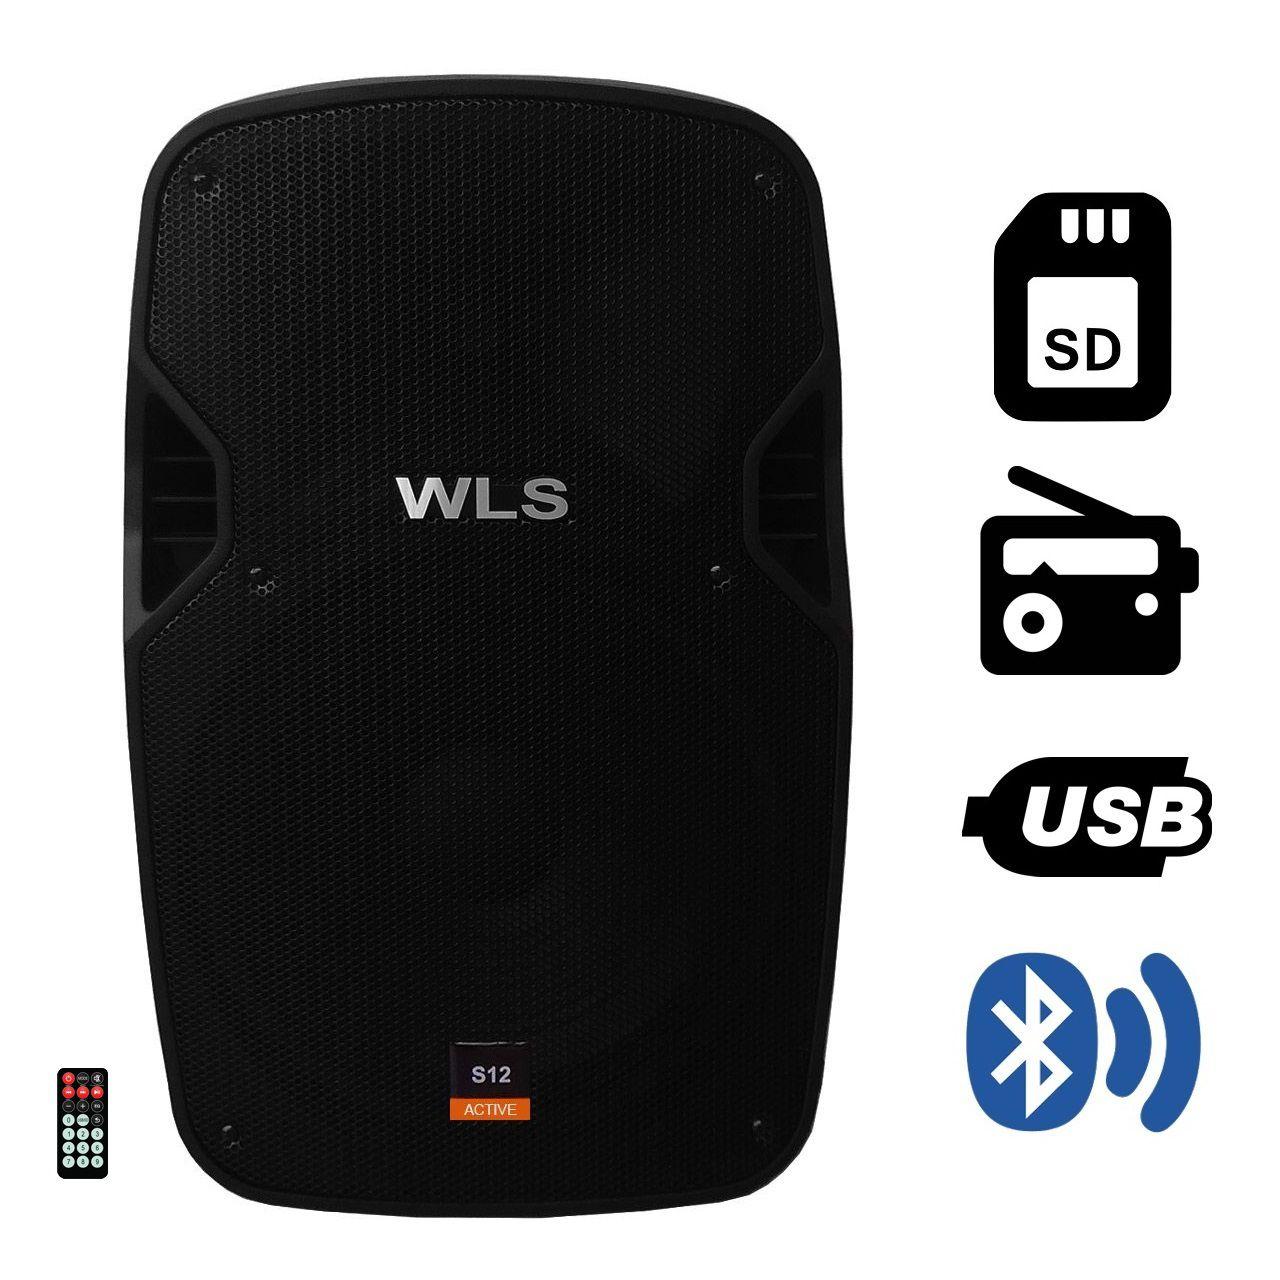 Kit Caixa de Som Ativa Passiva Wls S12 Bluetooth 430w Rms + Tripe e Cabo